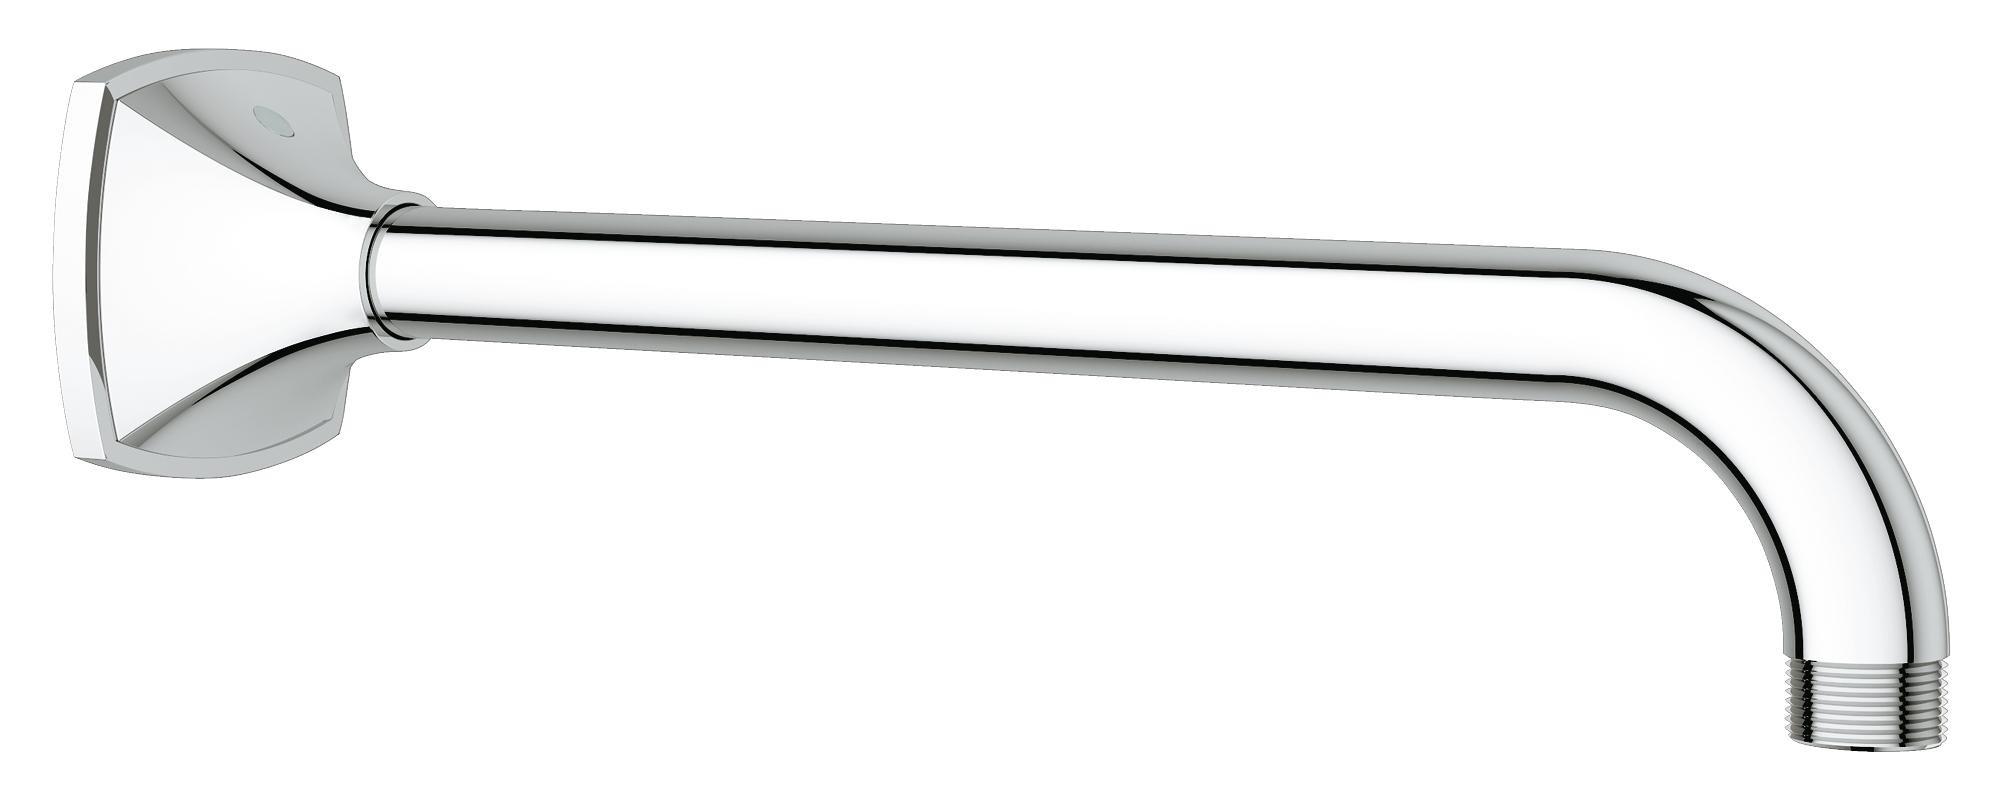 Купить Душевой кронштейн Grohe Rainshower Grandera 285 мм 27986000, Германия